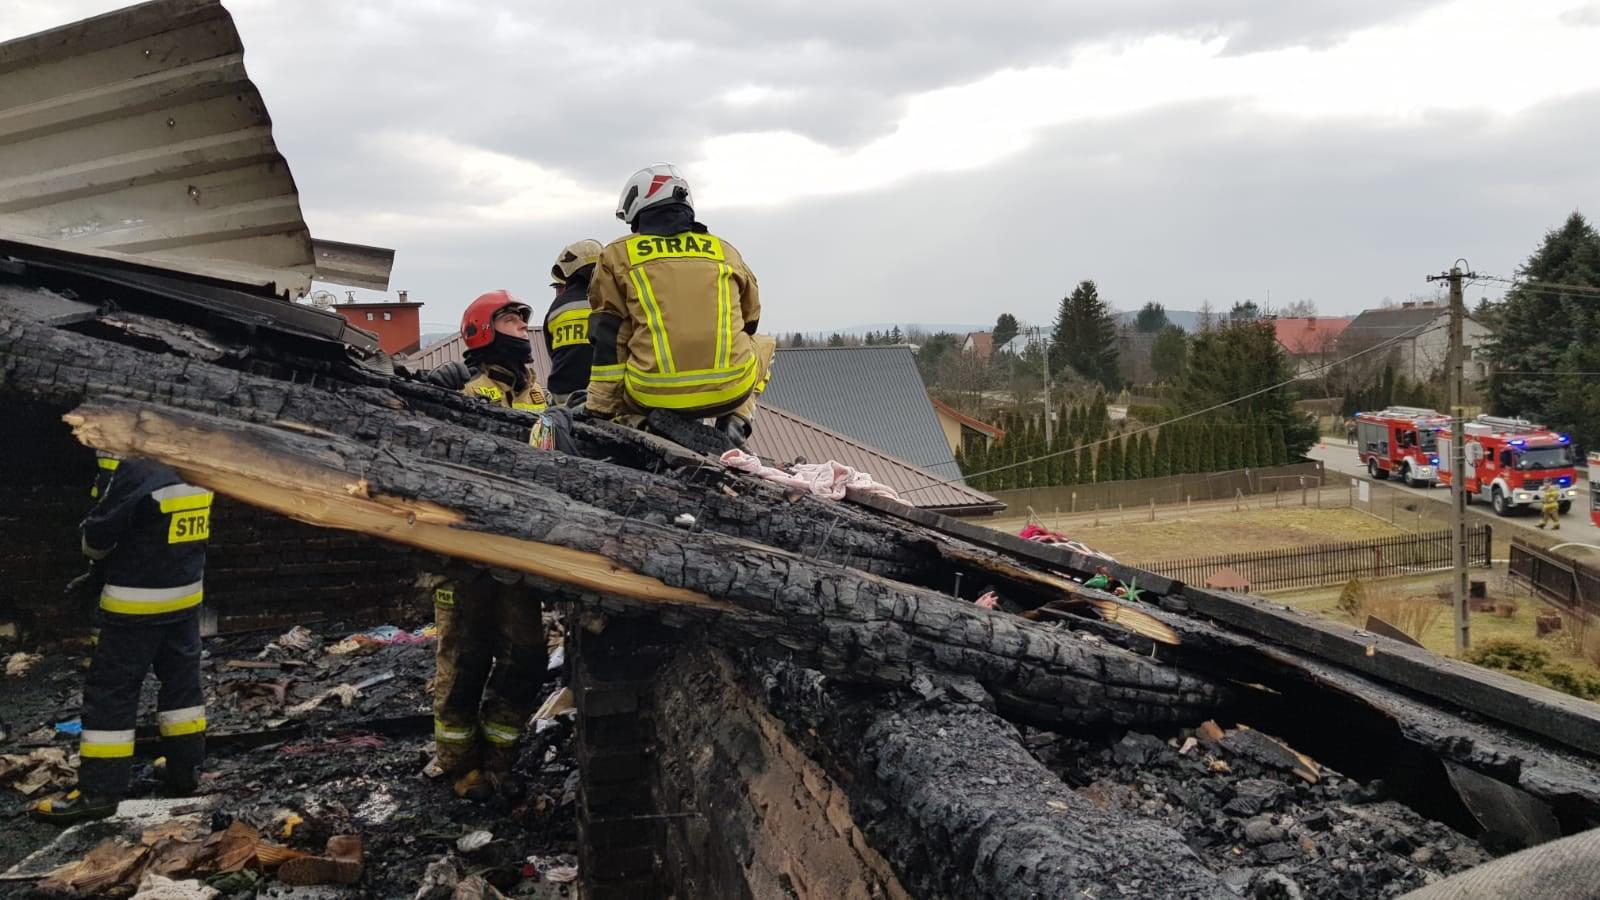 Podkarpacie: Ich dom zniszczył pożar. Potrzebują pomocy [ZDJĘCIA] - Zdjęcie główne